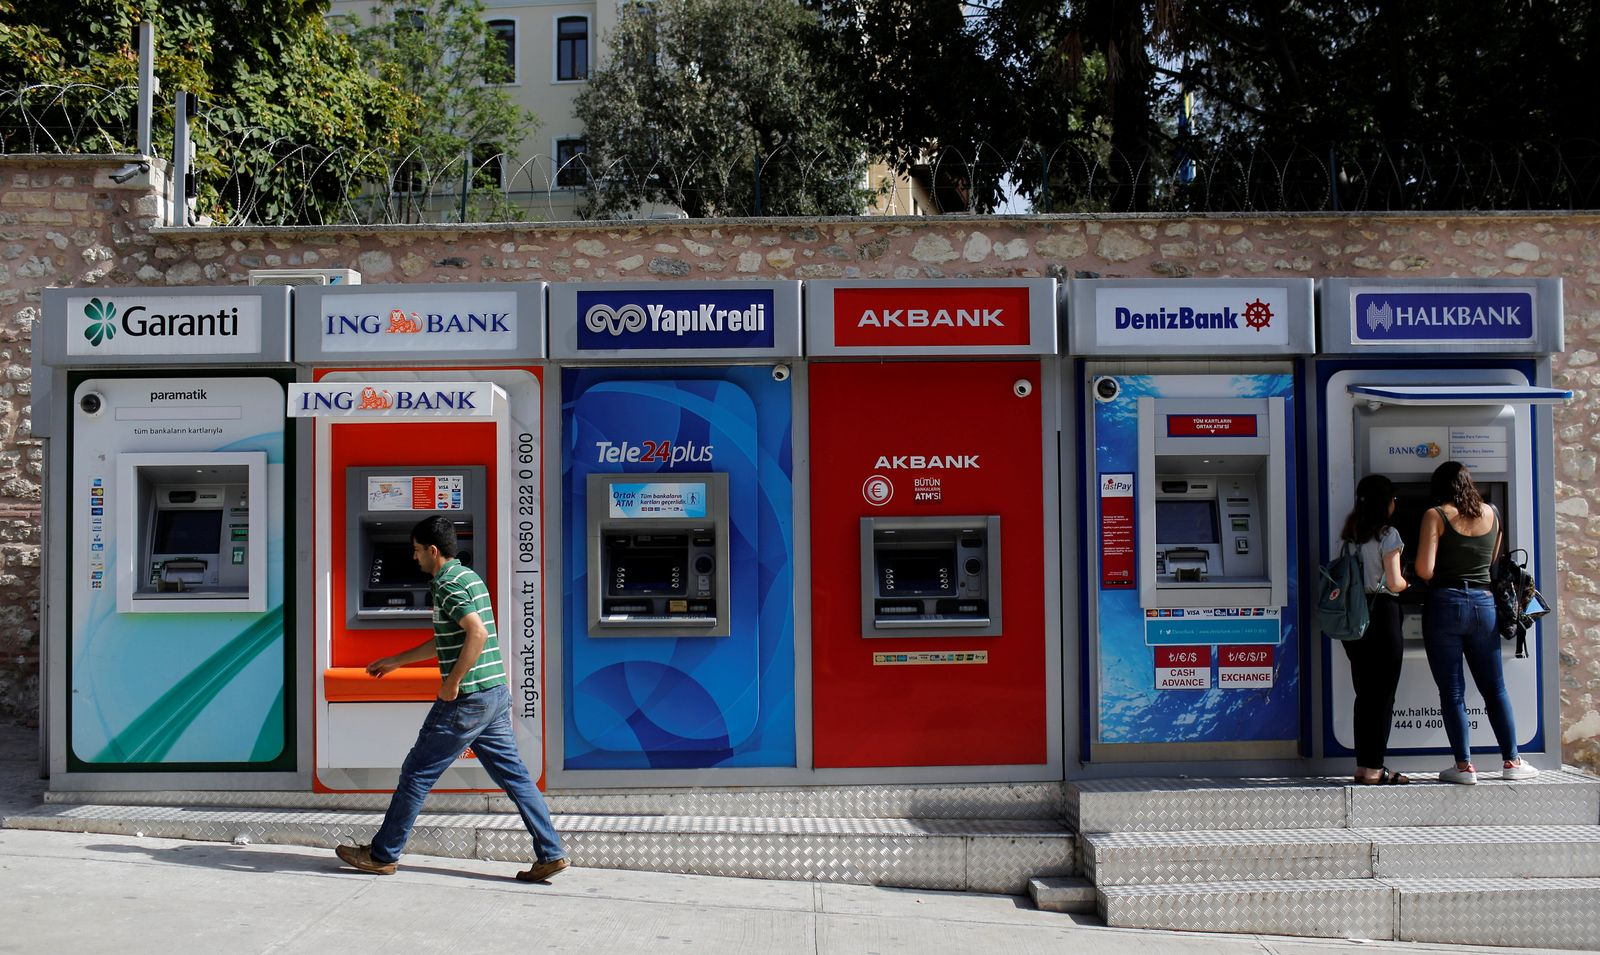 Türkei / Geldautomaten